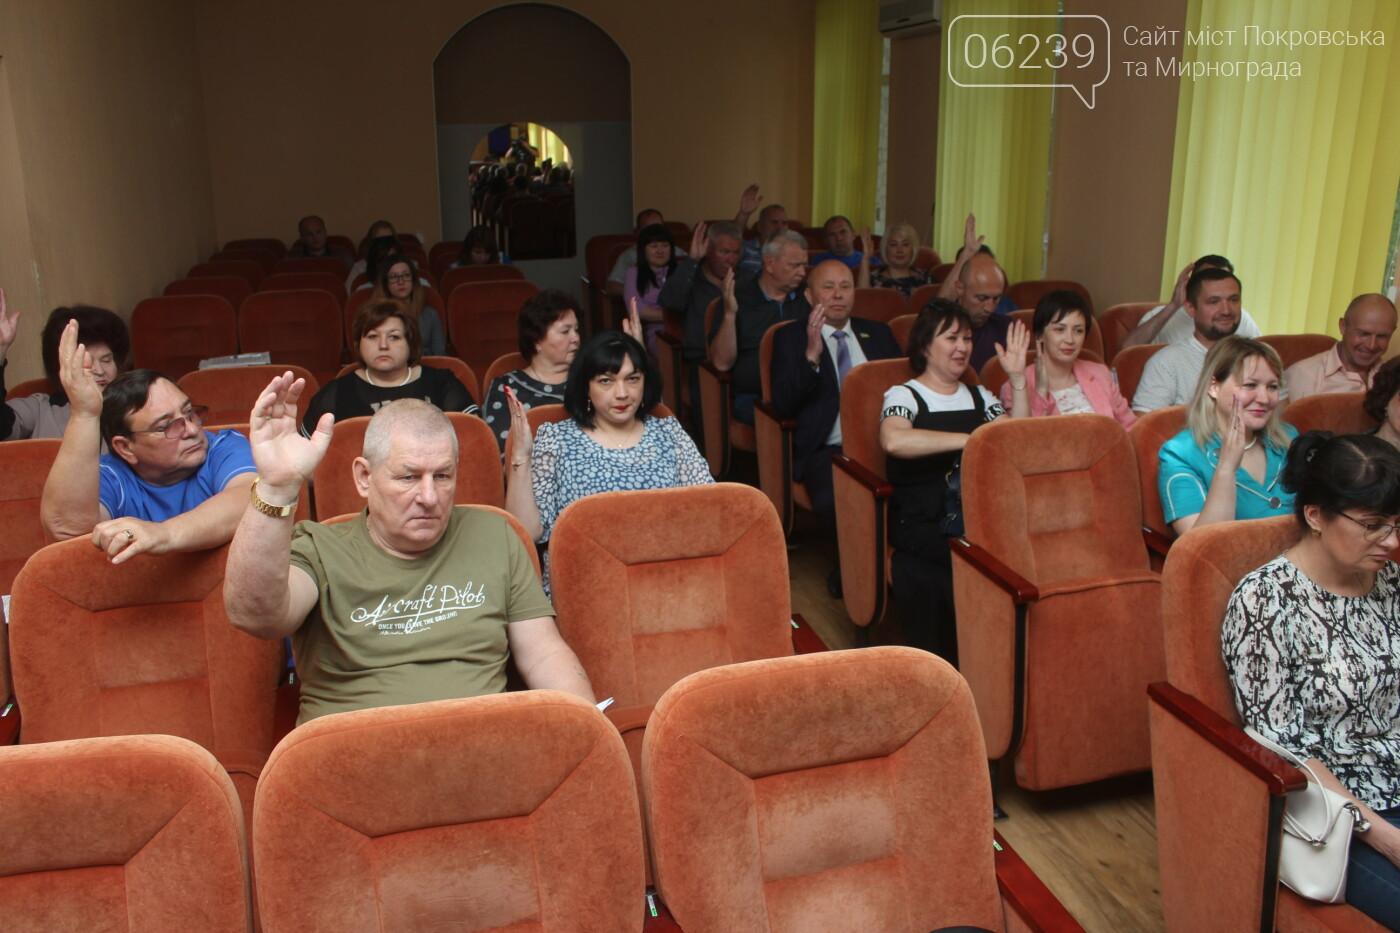 В Мирнограде ввели туристический сбор, фото-2